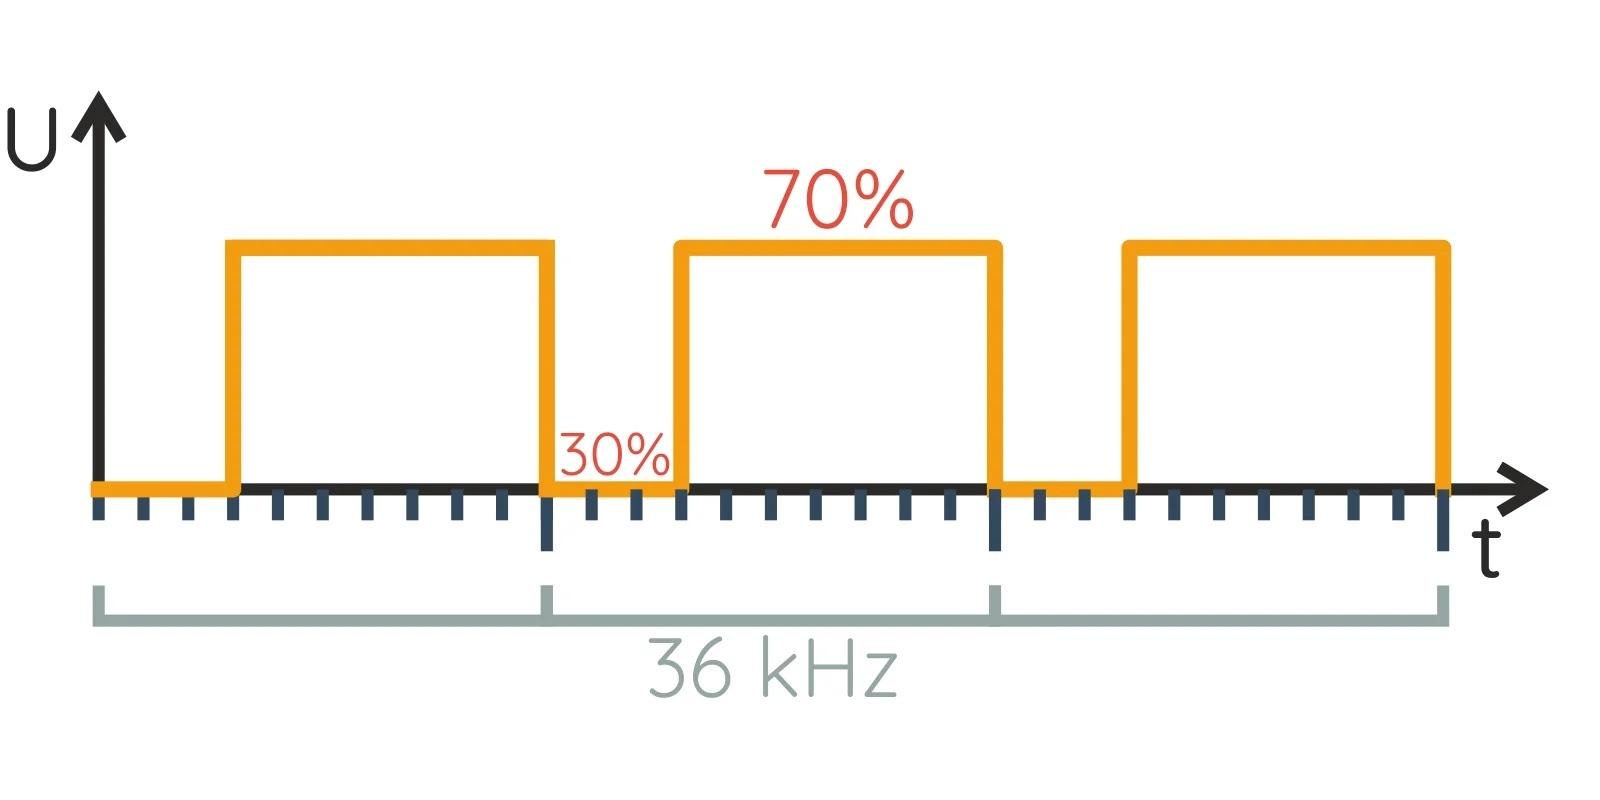 ИК-диод будет светиться только 30% времени